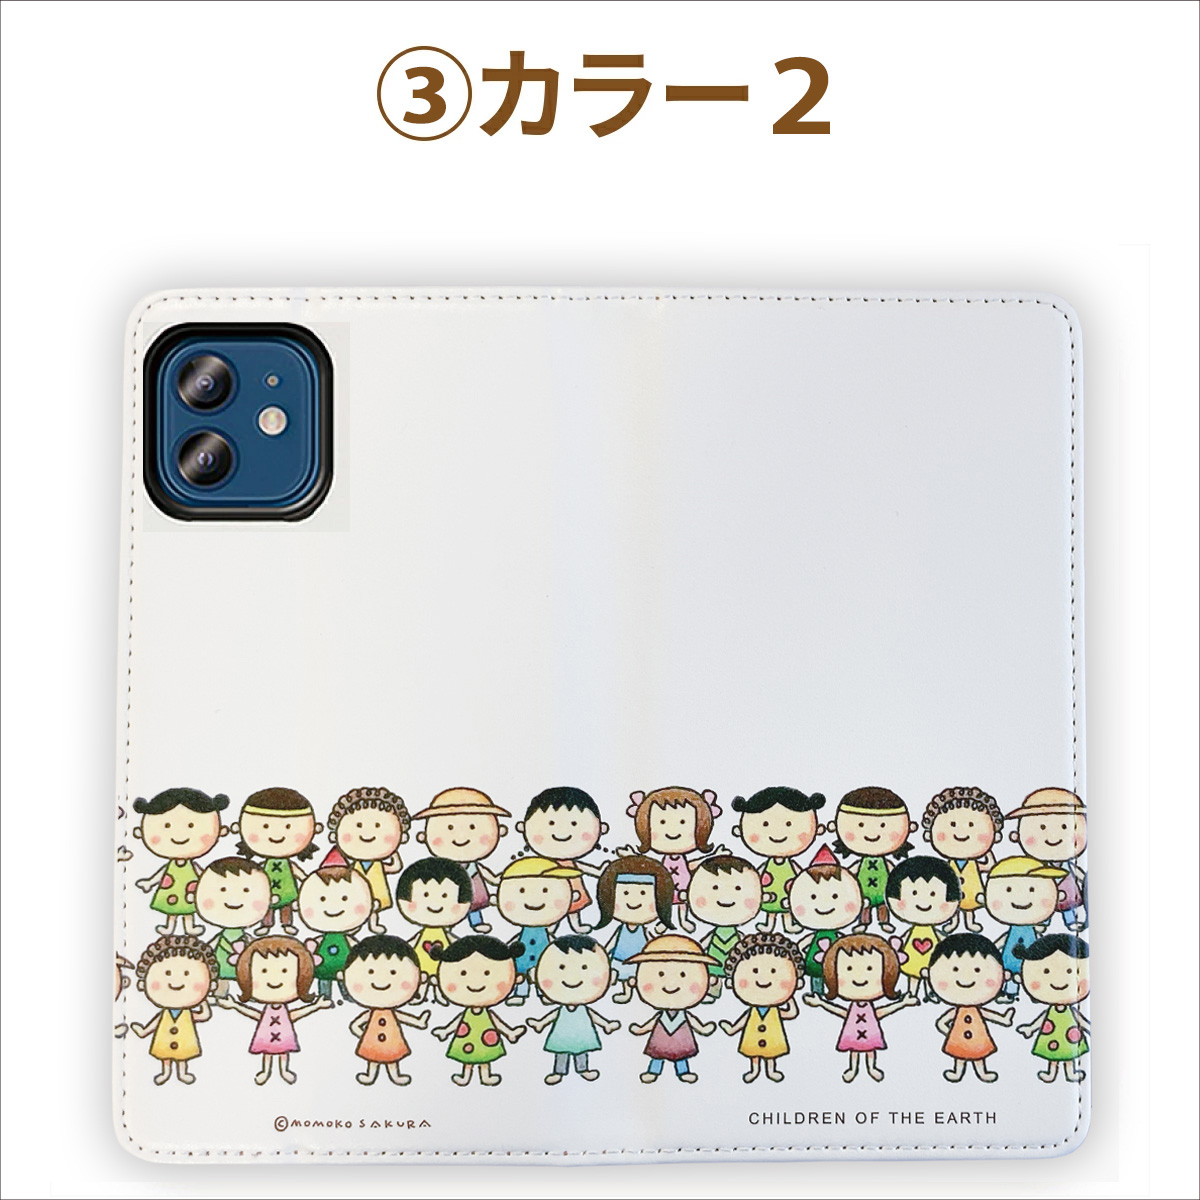 さくらももこ 地球の子供たち Rakuten BIG s ケース手帳型 ベルト無しブック型ケース 財布型 カバー 楽天モバイル 楽天 ビッグエス ビッグ エス シンプル 軽量 手帳型カバー 手帳型ケース カード収納 カードポケット スタンド ストラップホール